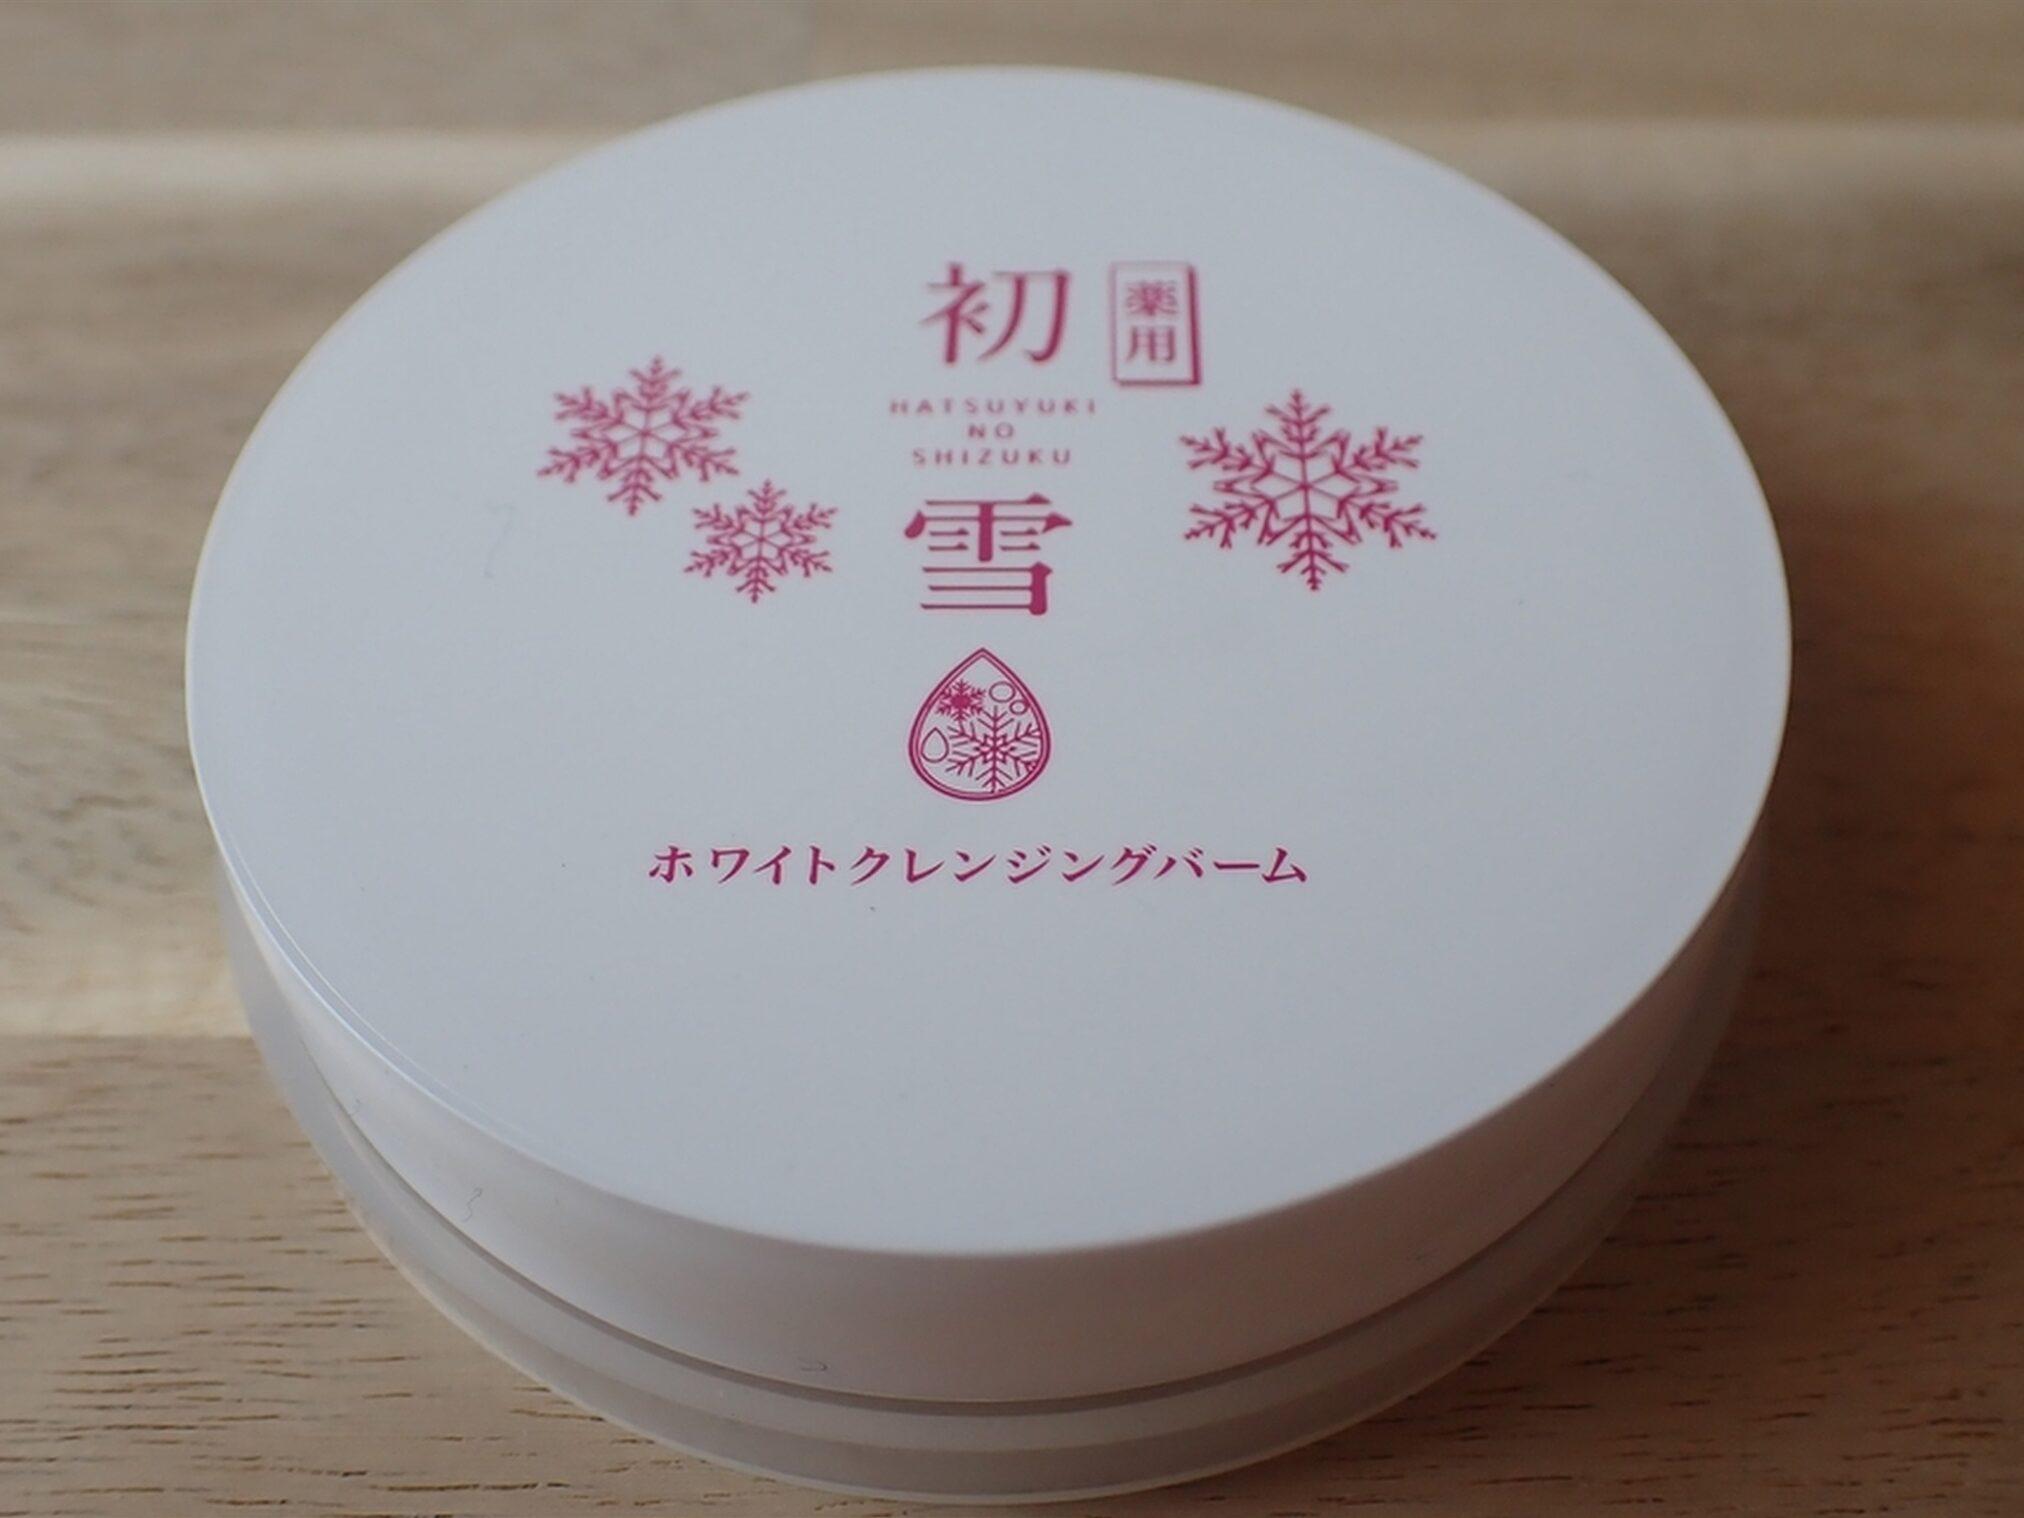 7日分のお試しトライアル 初雪の雫 薬用ホワイトクレンジングバーム